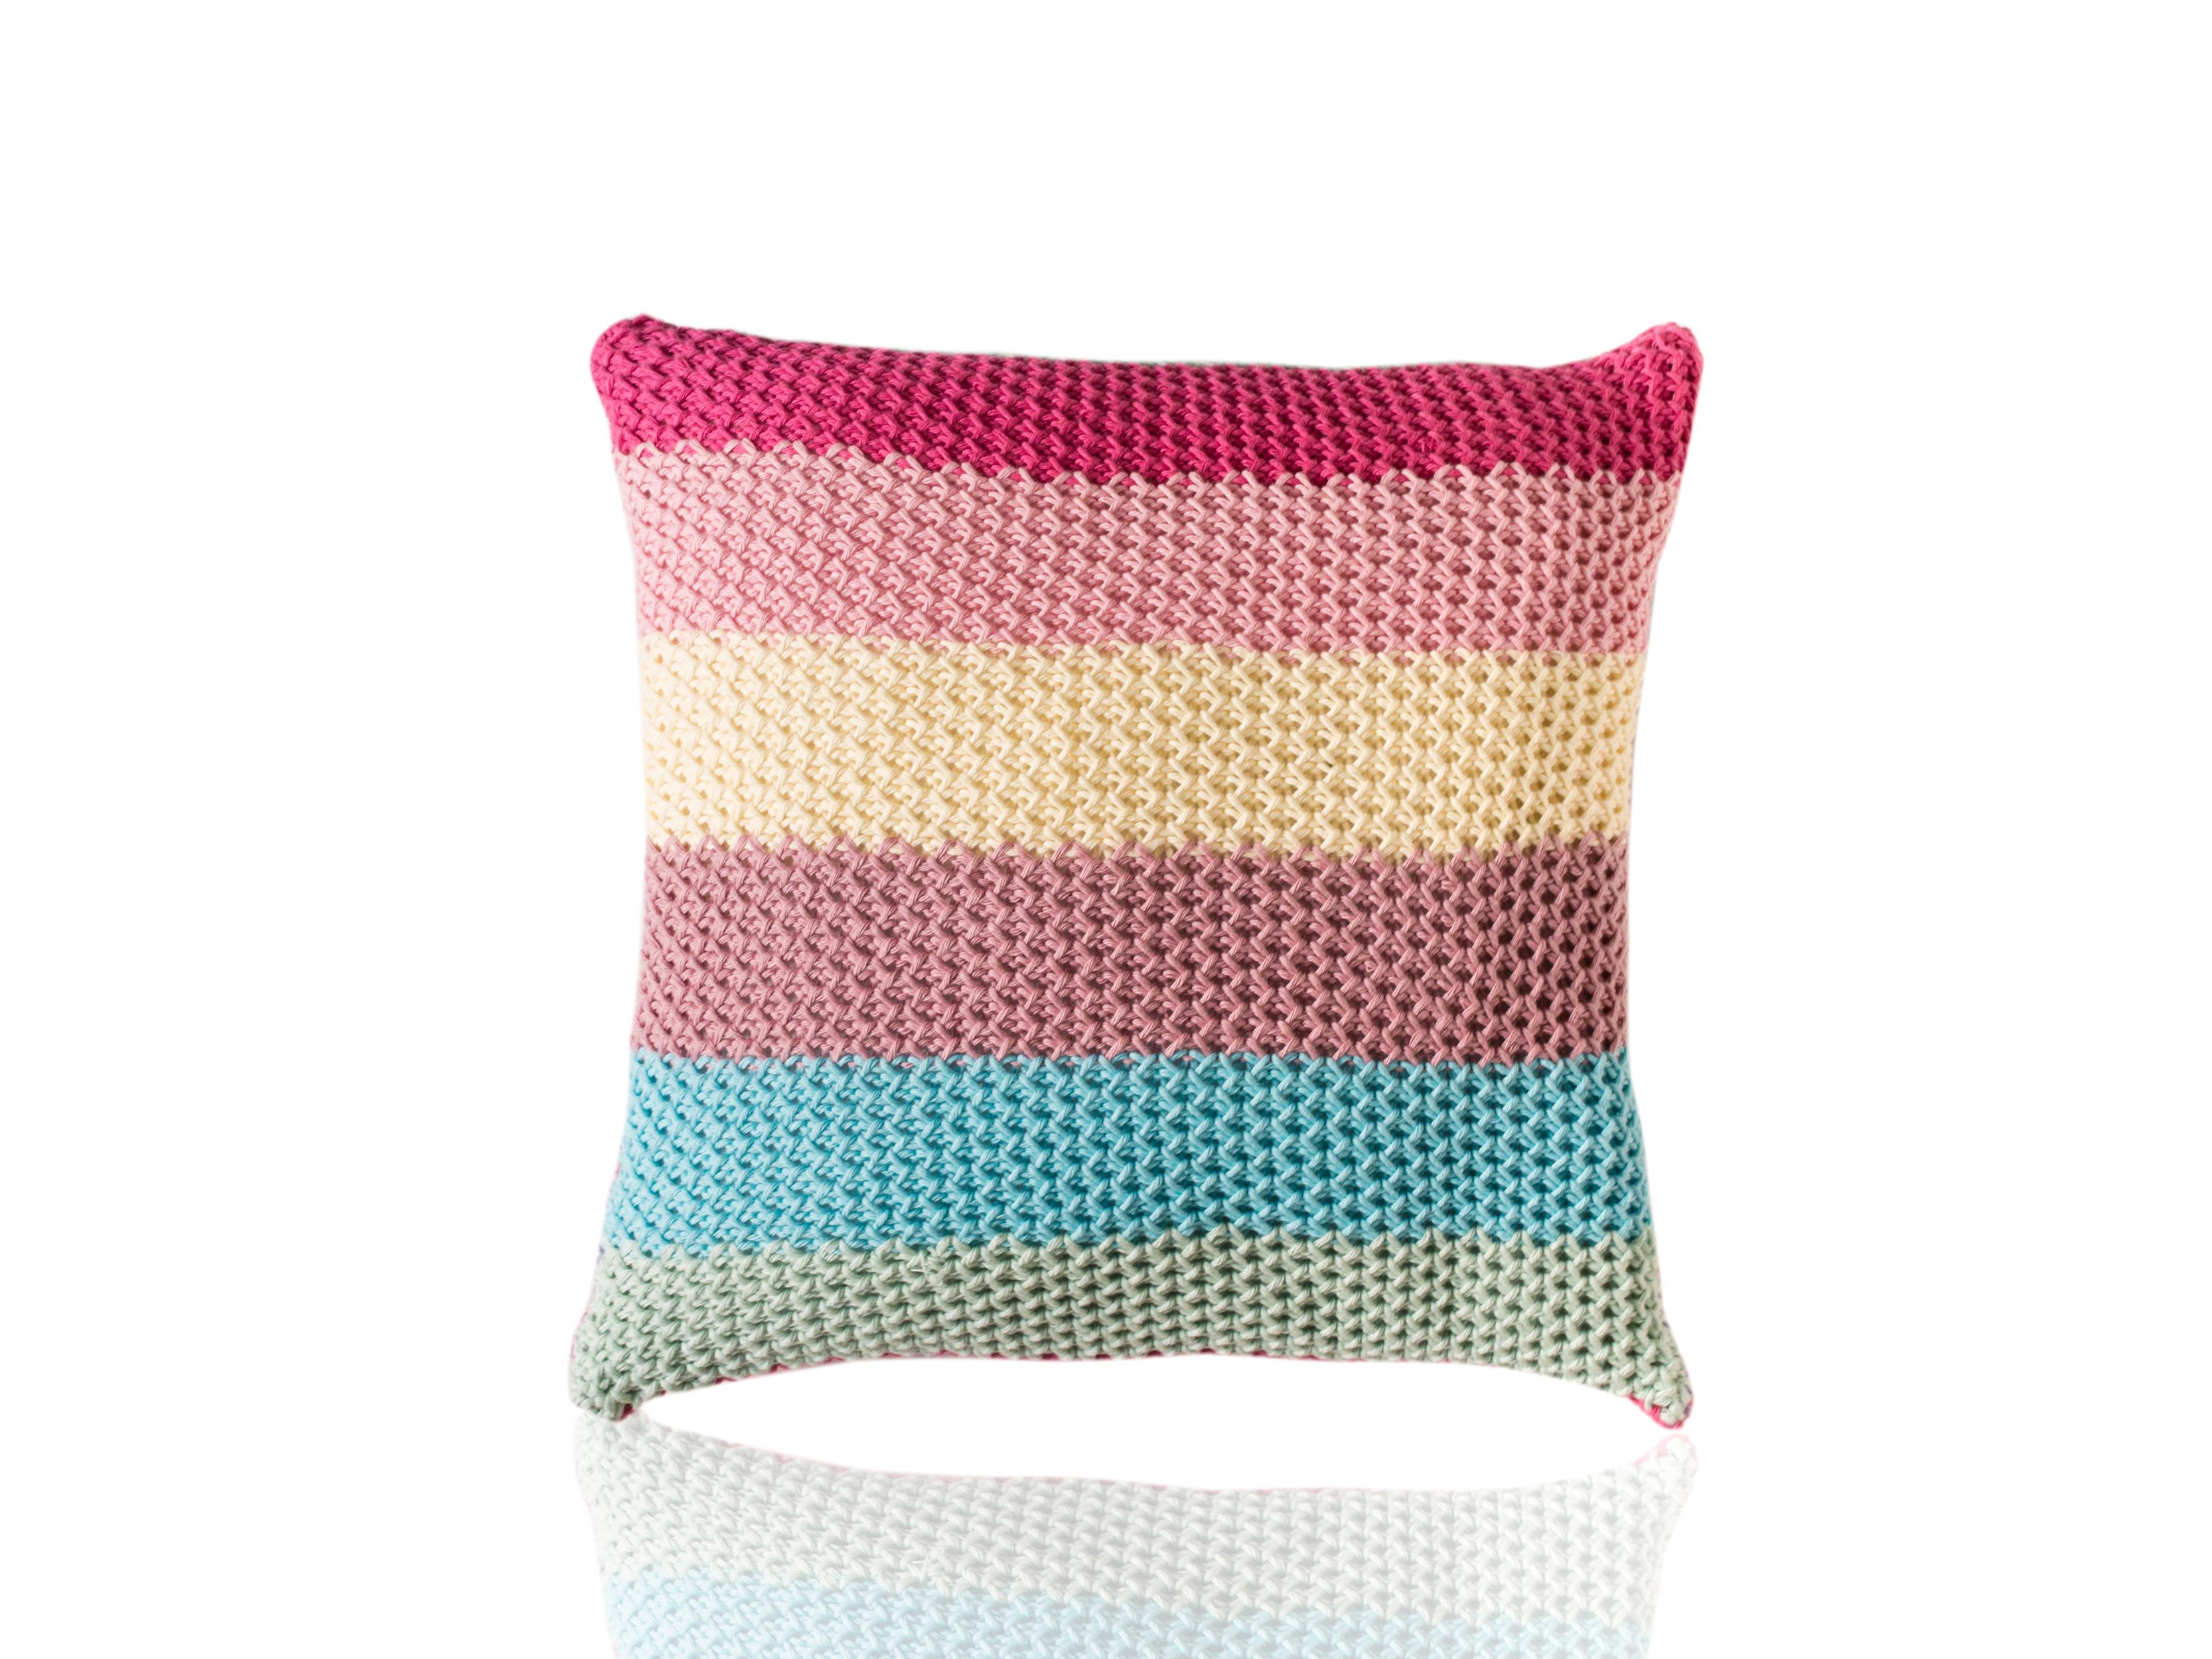 Подушка DoceКвадратные подушки и наволочки<br>Doce - вязаная диванная подушка ручной работы - сделана из высококачественных материалов в Барселоне, Испания. Яркая, мягкая и красивая, эта вещь добавит комфорта и уюта любому домашнему декору.&amp;amp;nbsp;&amp;lt;div&amp;gt;&amp;lt;br&amp;gt;&amp;lt;/div&amp;gt;&amp;lt;div&amp;gt;Состав наволочки: 100% хлопок&amp;amp;nbsp;&amp;lt;/div&amp;gt;&amp;lt;div&amp;gt;Наполнитель (вынимающаяся подушка): 100% полиэстер&amp;amp;nbsp;&amp;lt;/div&amp;gt;<br><br>Material: Хлопок<br>Ширина см: 40<br>Высота см: 40<br>Глубина см: 10